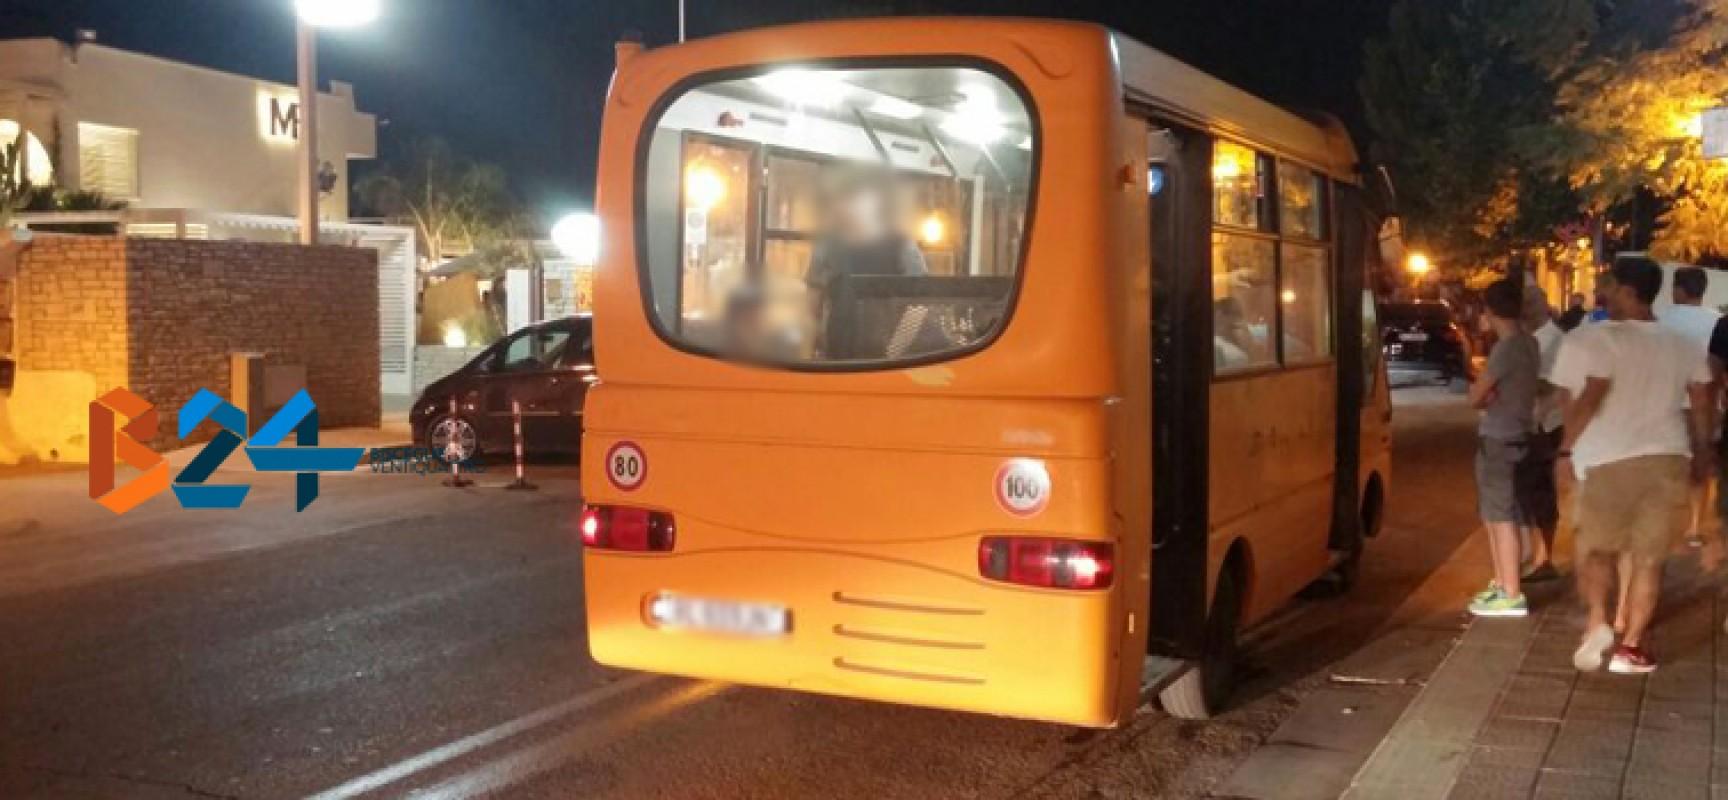 Ragazza biscegliese colpita da un sasso mentre era a bordo del bus navetta serale